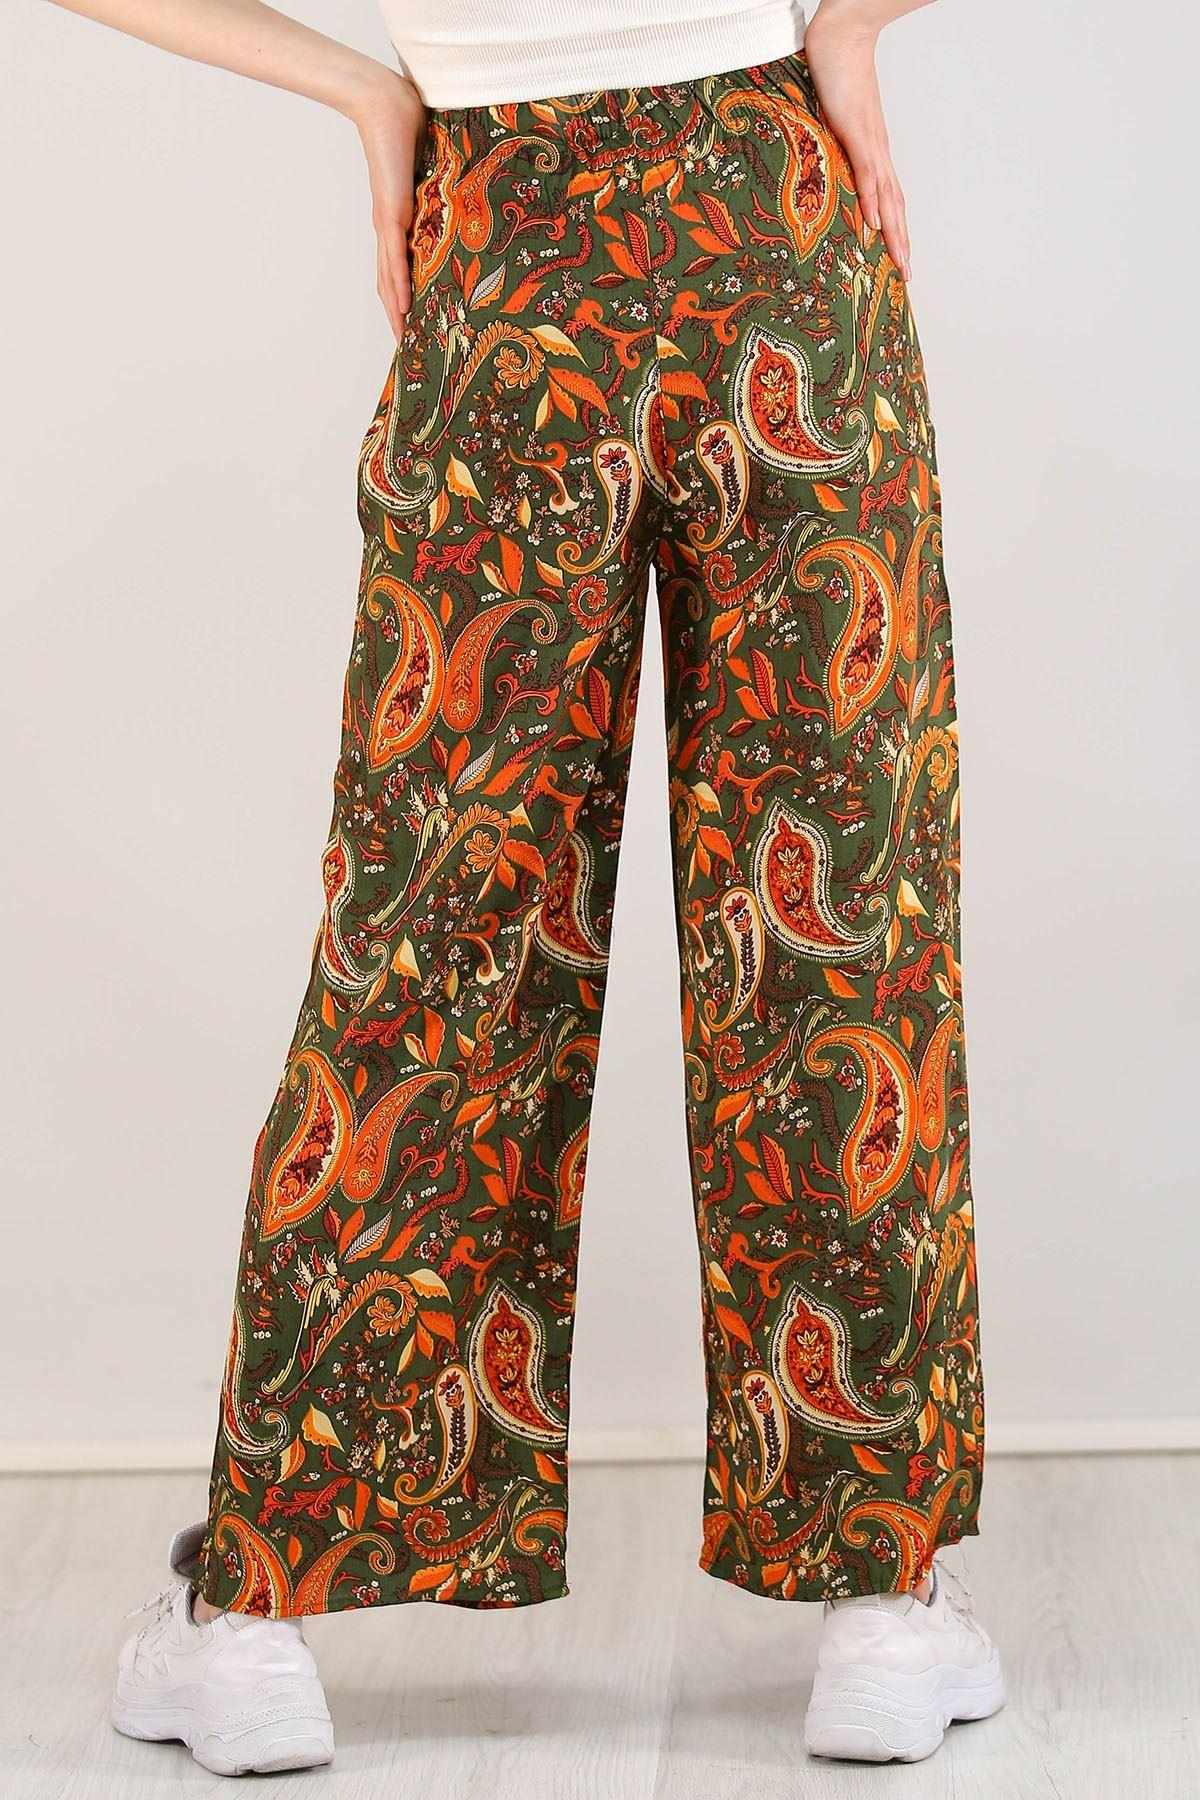 Desenli Bol Pantolon Yeşilturuncu - 0753.128.